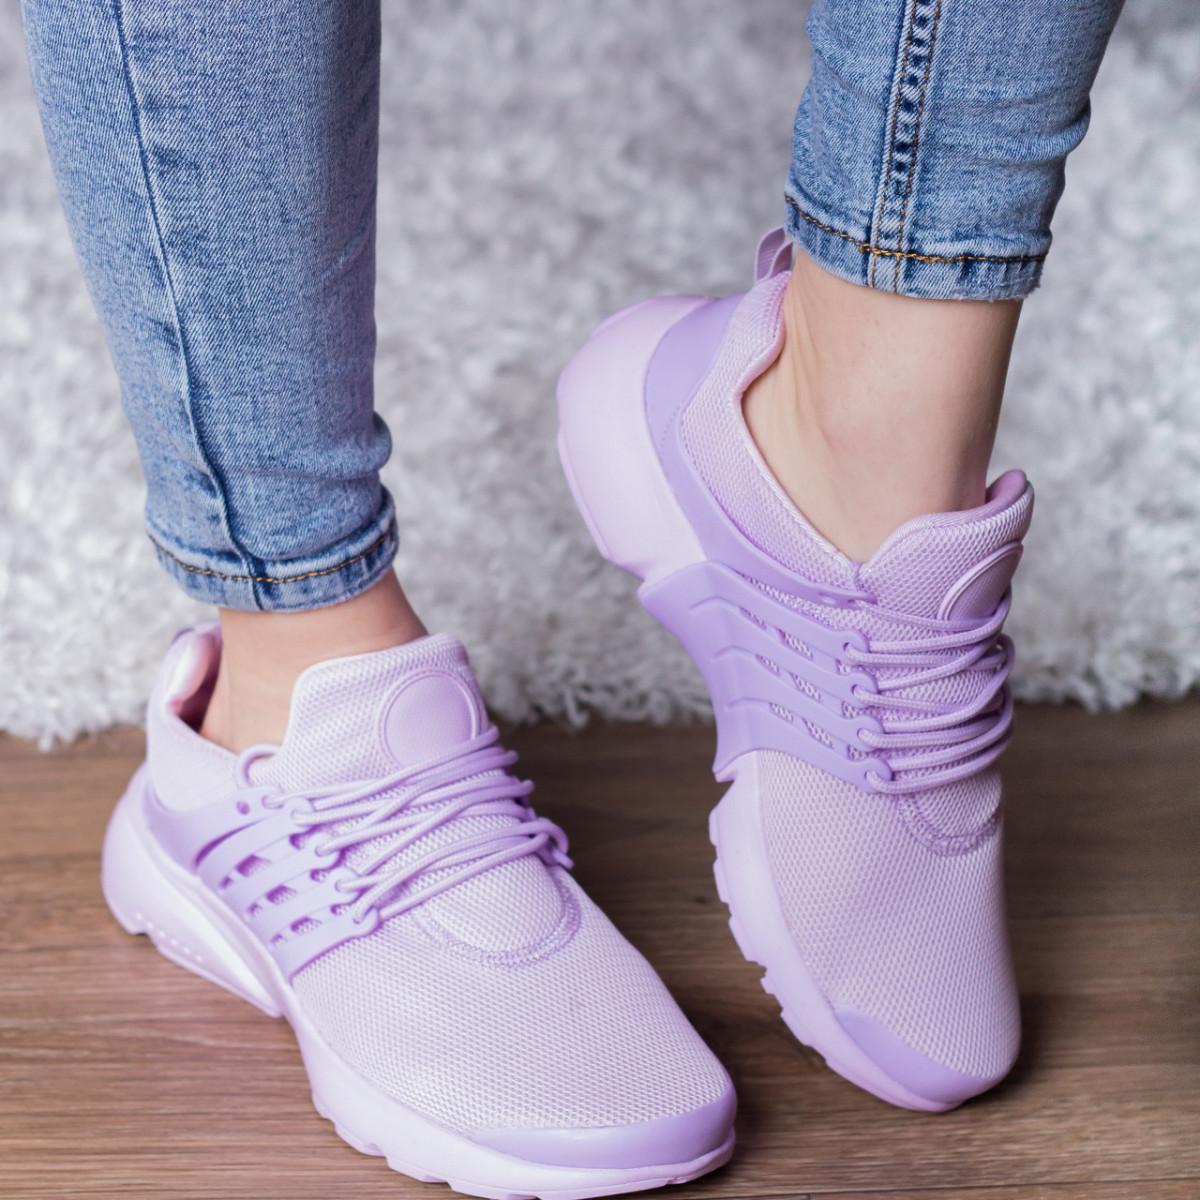 Кроссовки женские Fashion Qaylie 2700 41 размер 26 см Фиолетовый